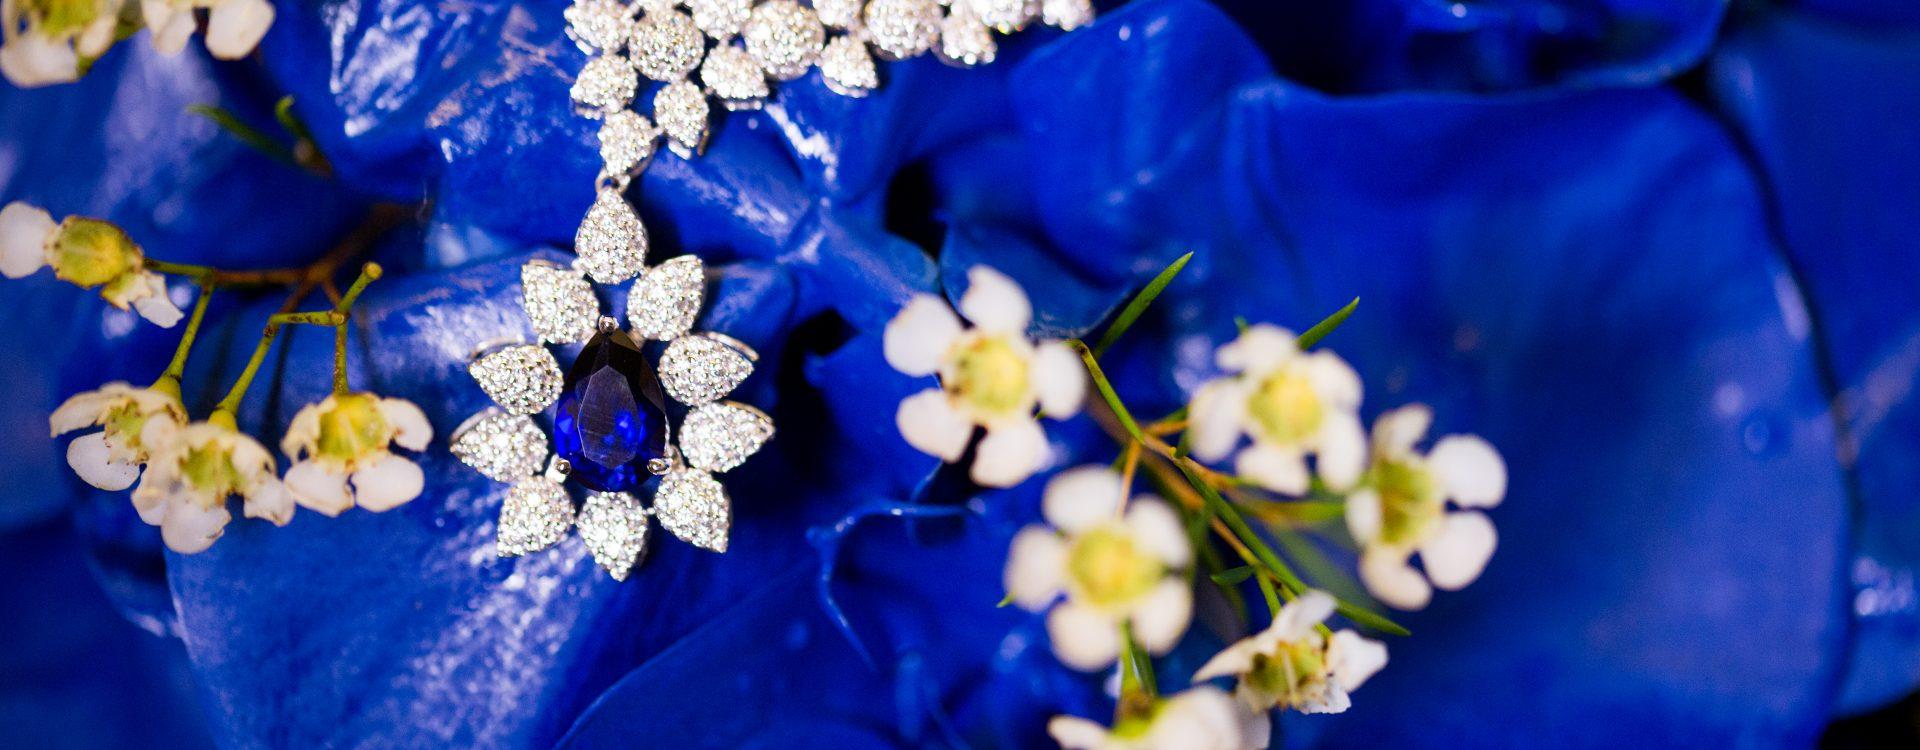 Meera & Saood Wedding